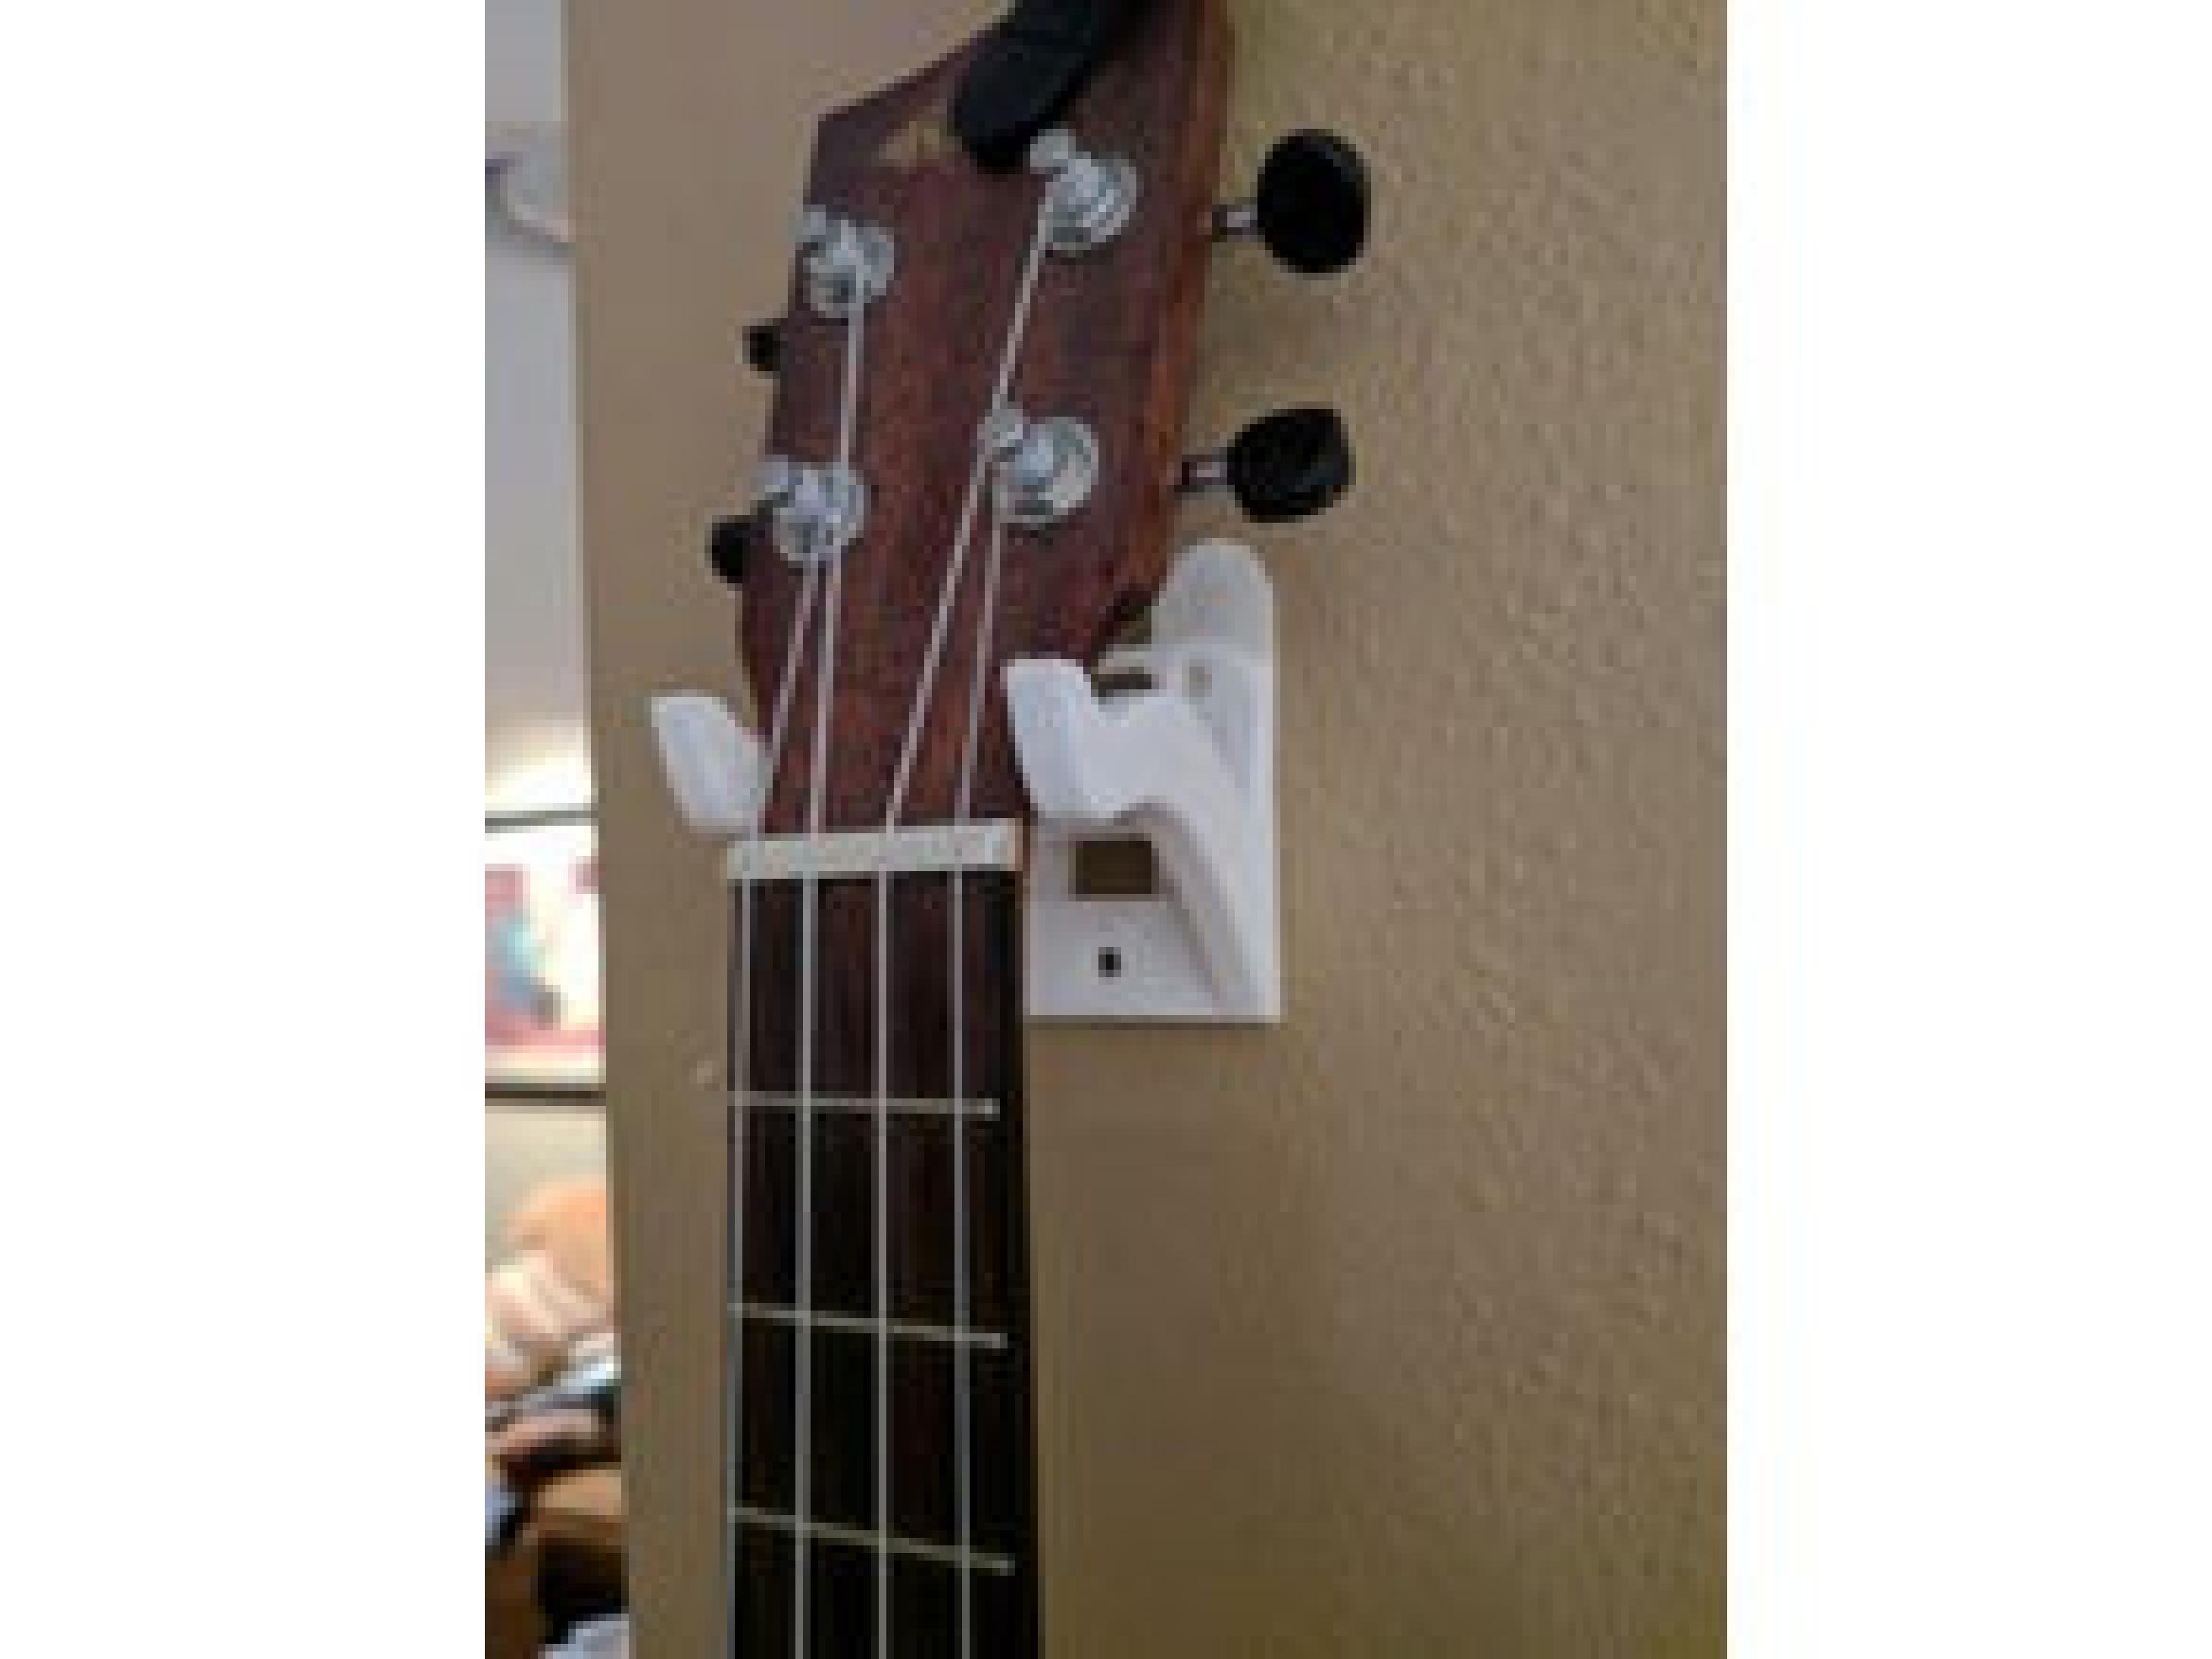 Gitar Duvar Asma Aparatı